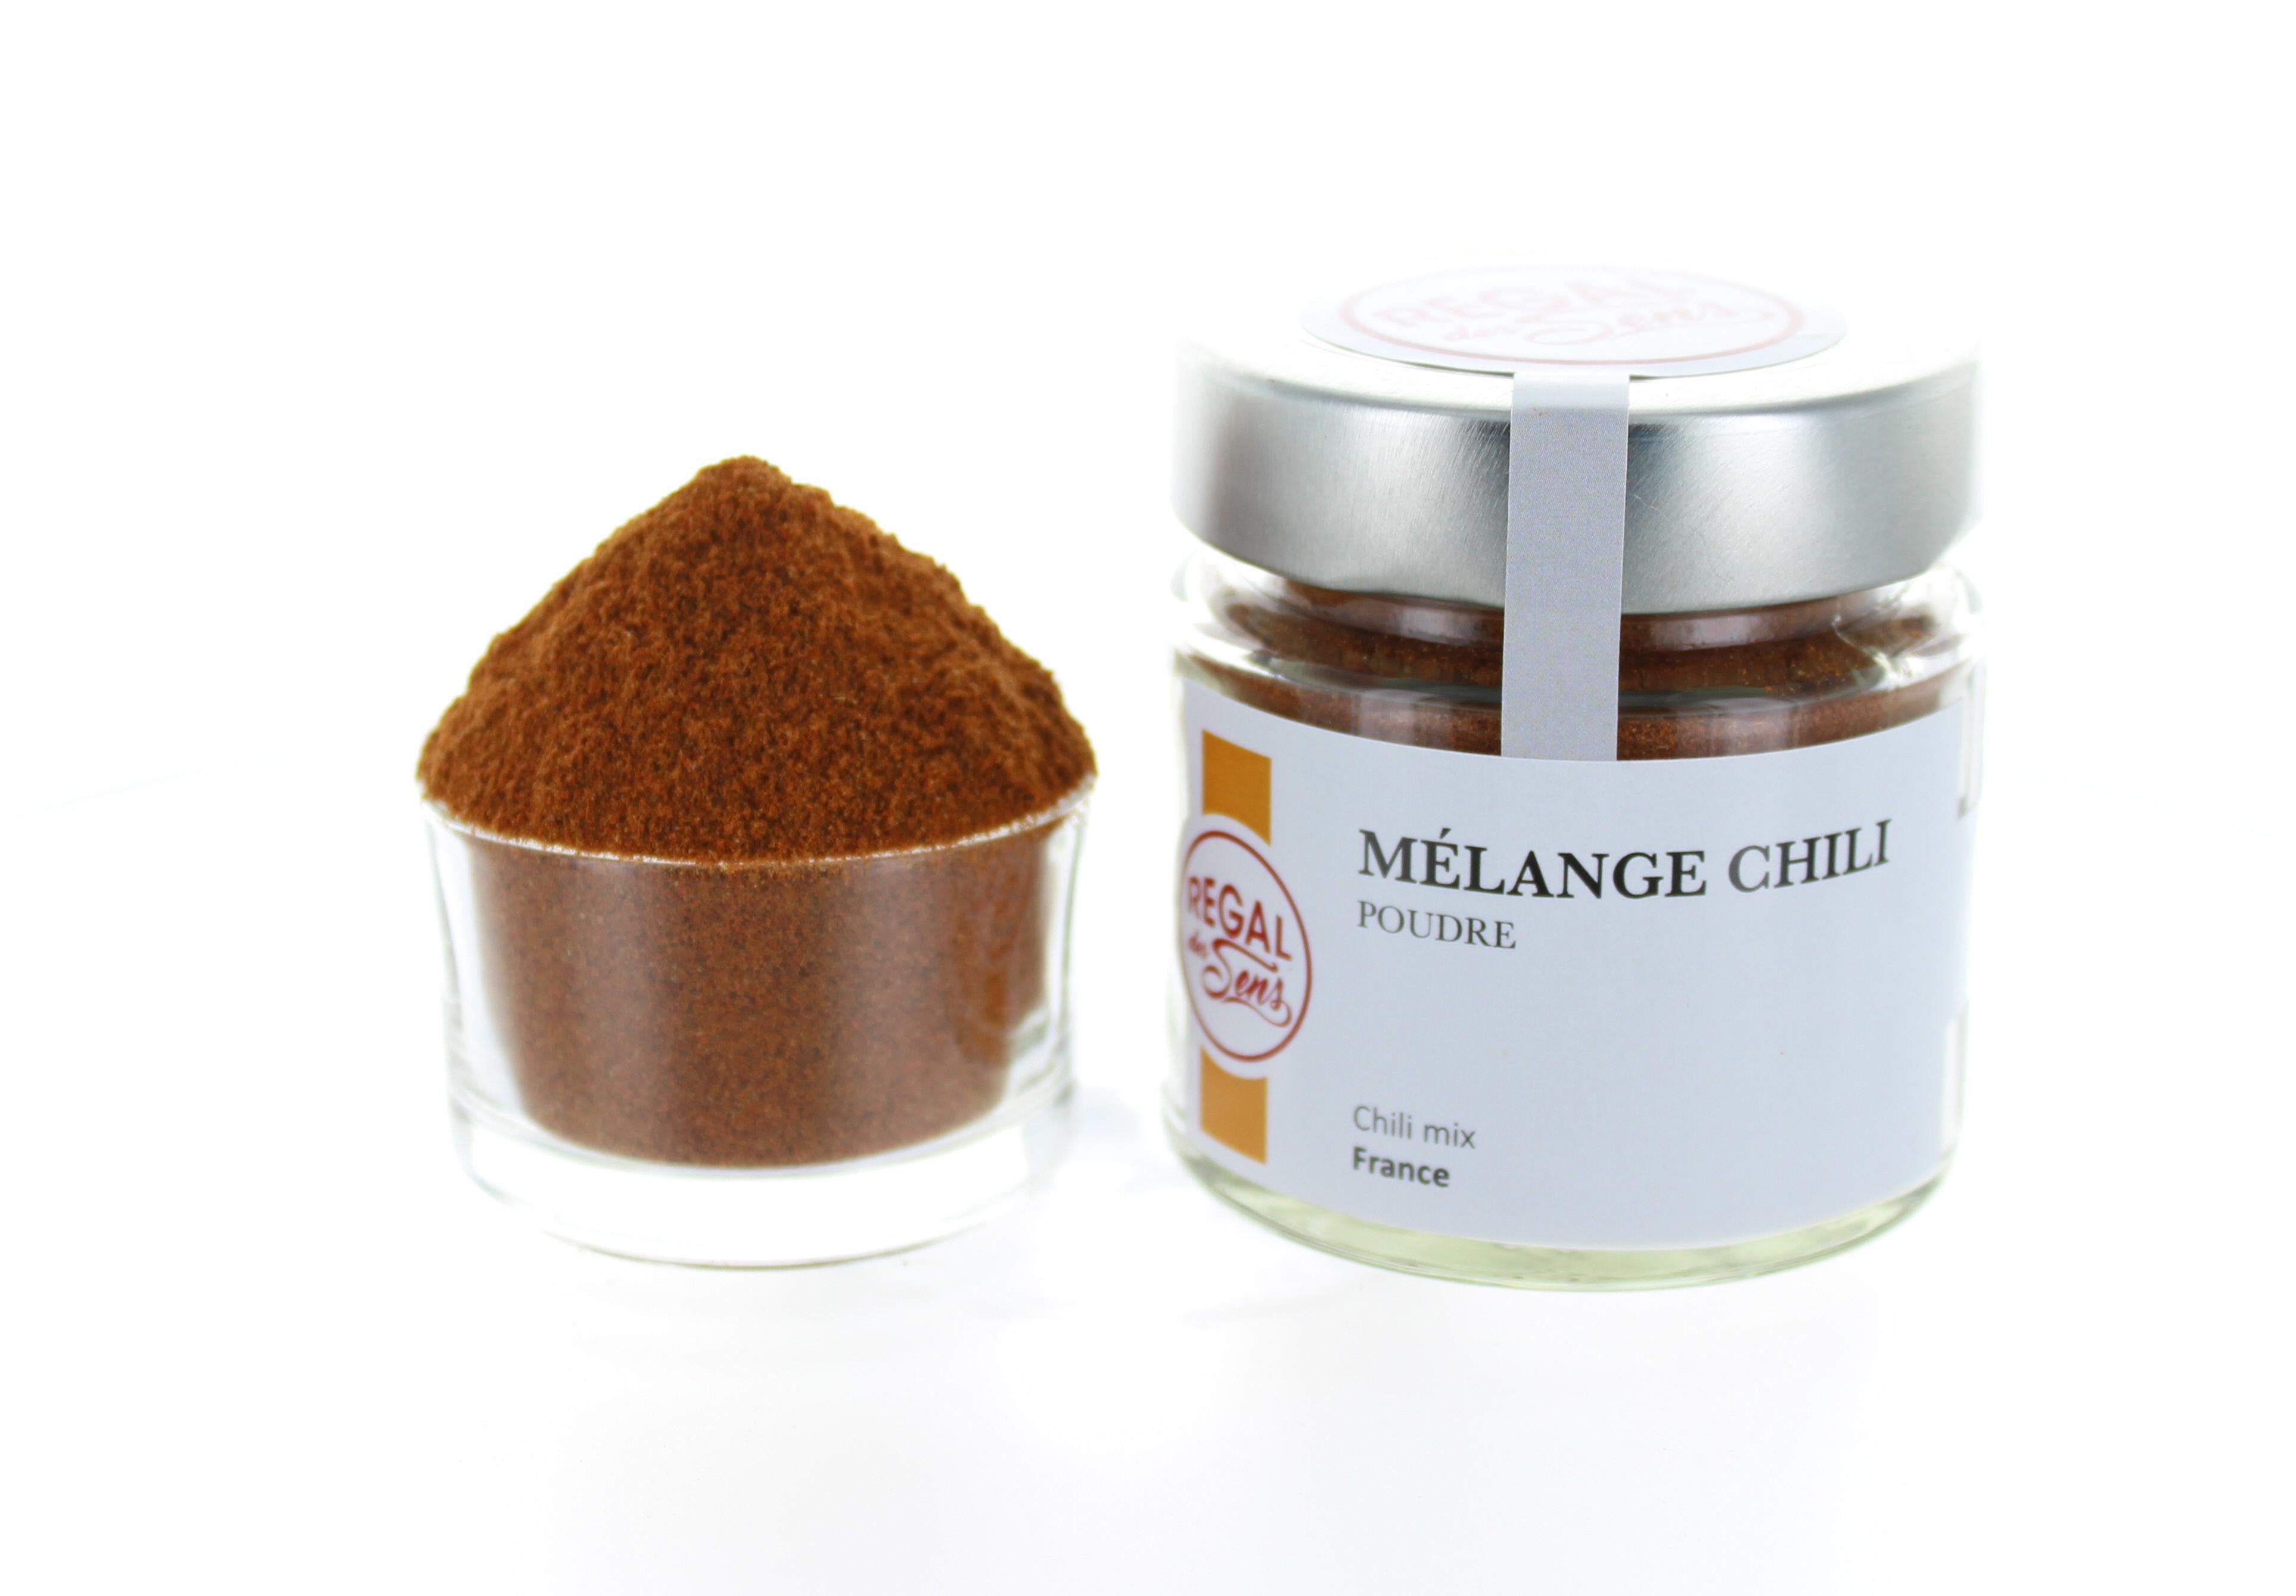 Mélange chili doux